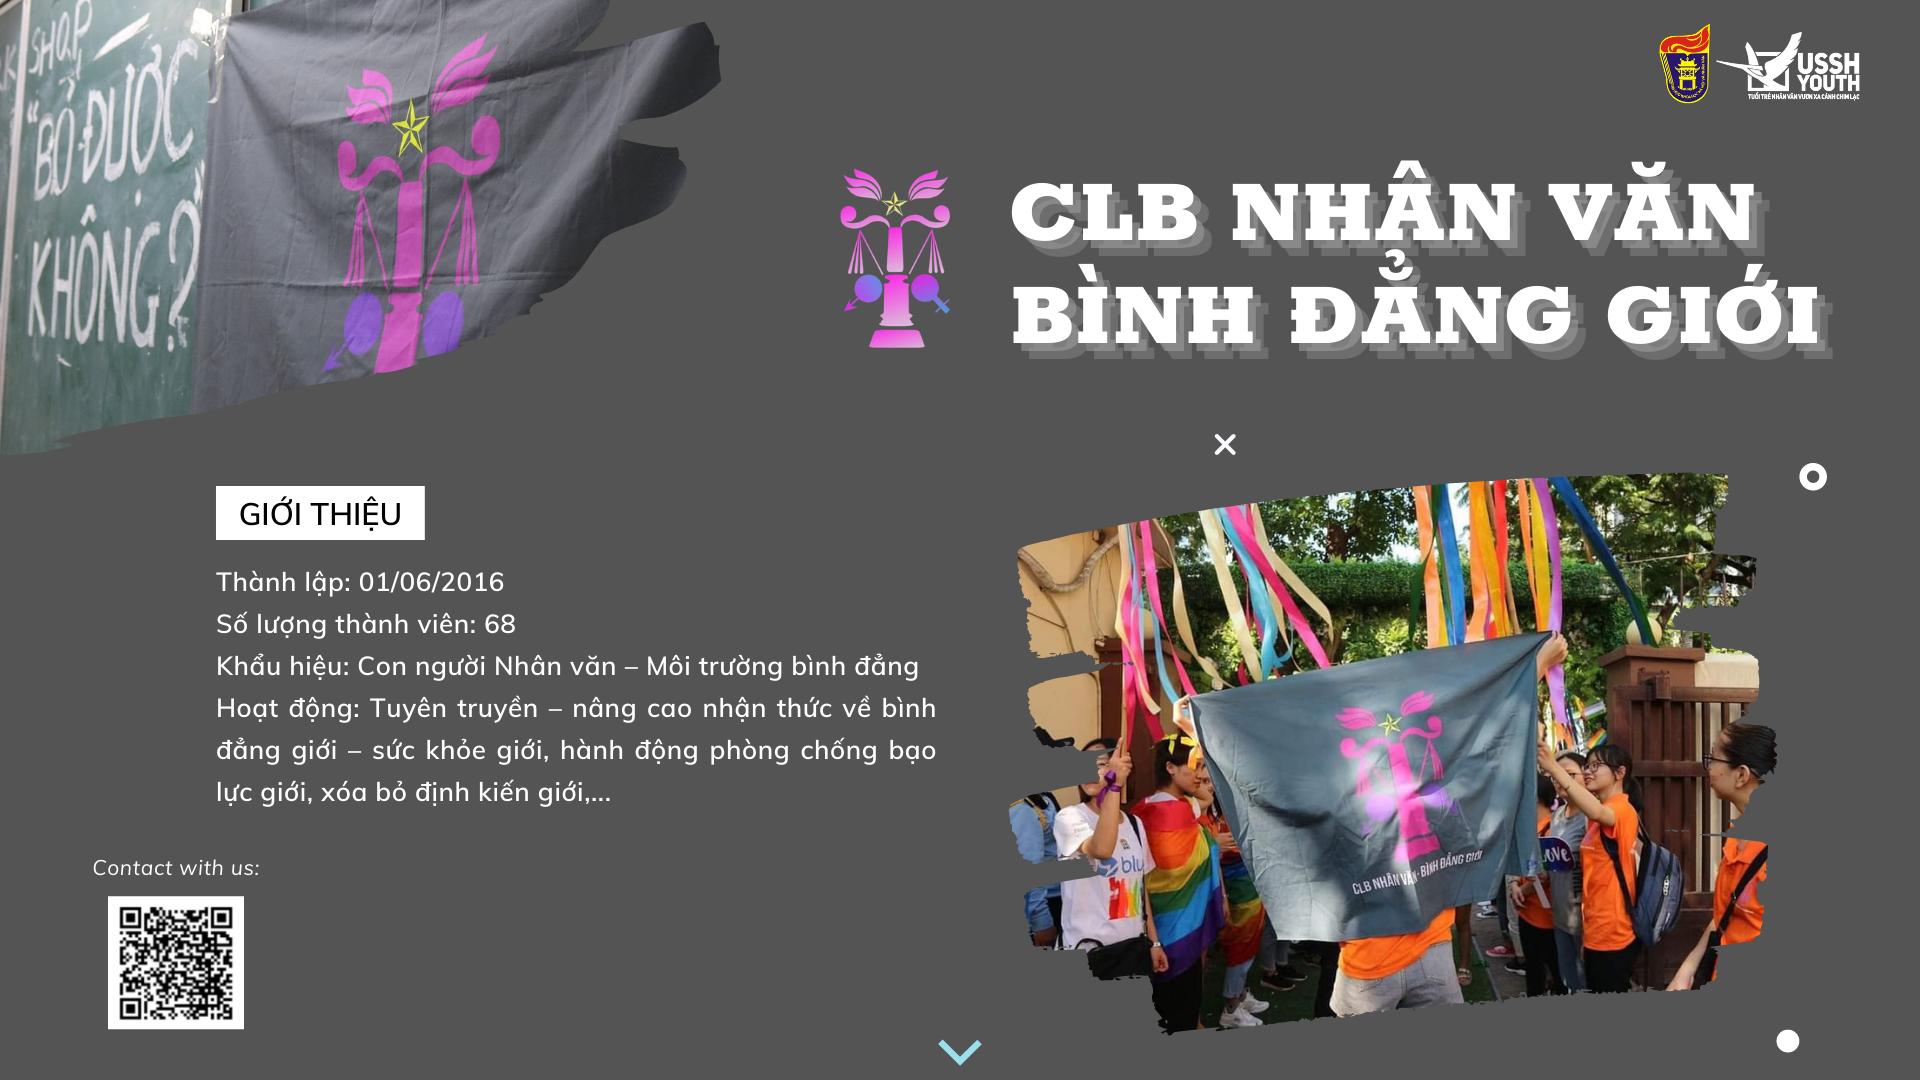 CLB NH+éN V éN B+îNH Éߦ¦NG GIß+ÜI